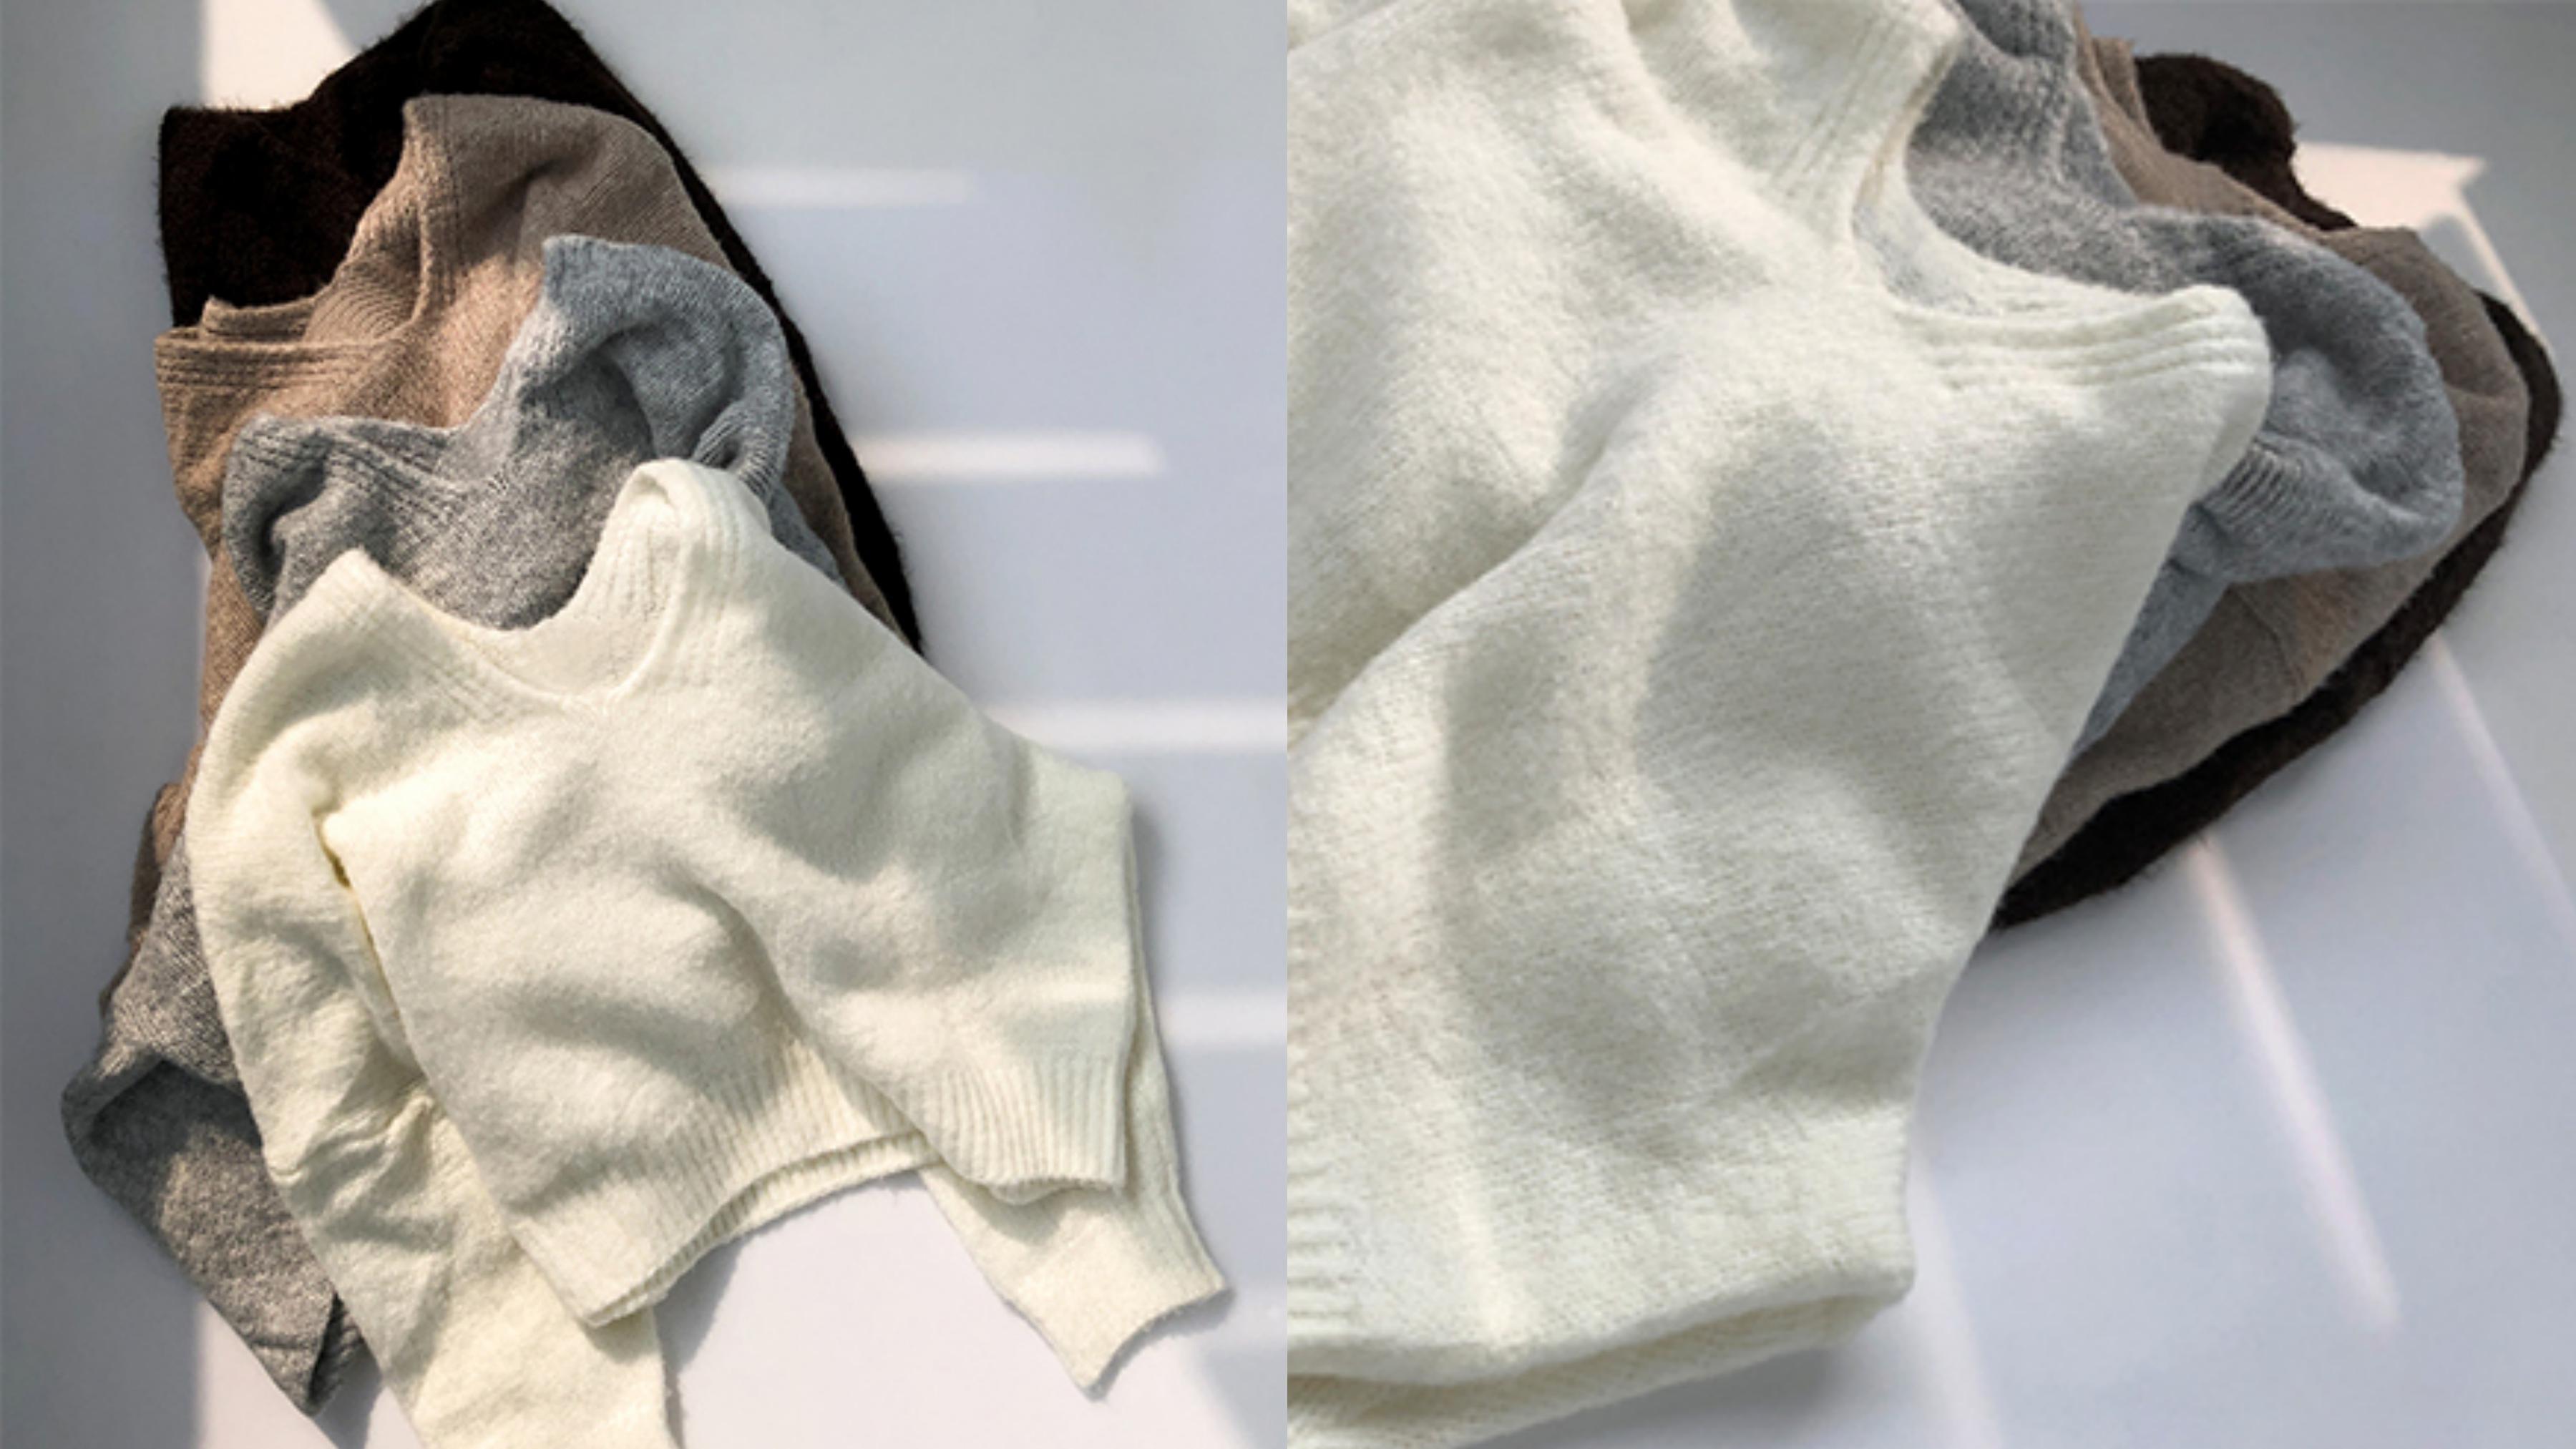 落肩寬鬆版型,加上微性感的V領設計